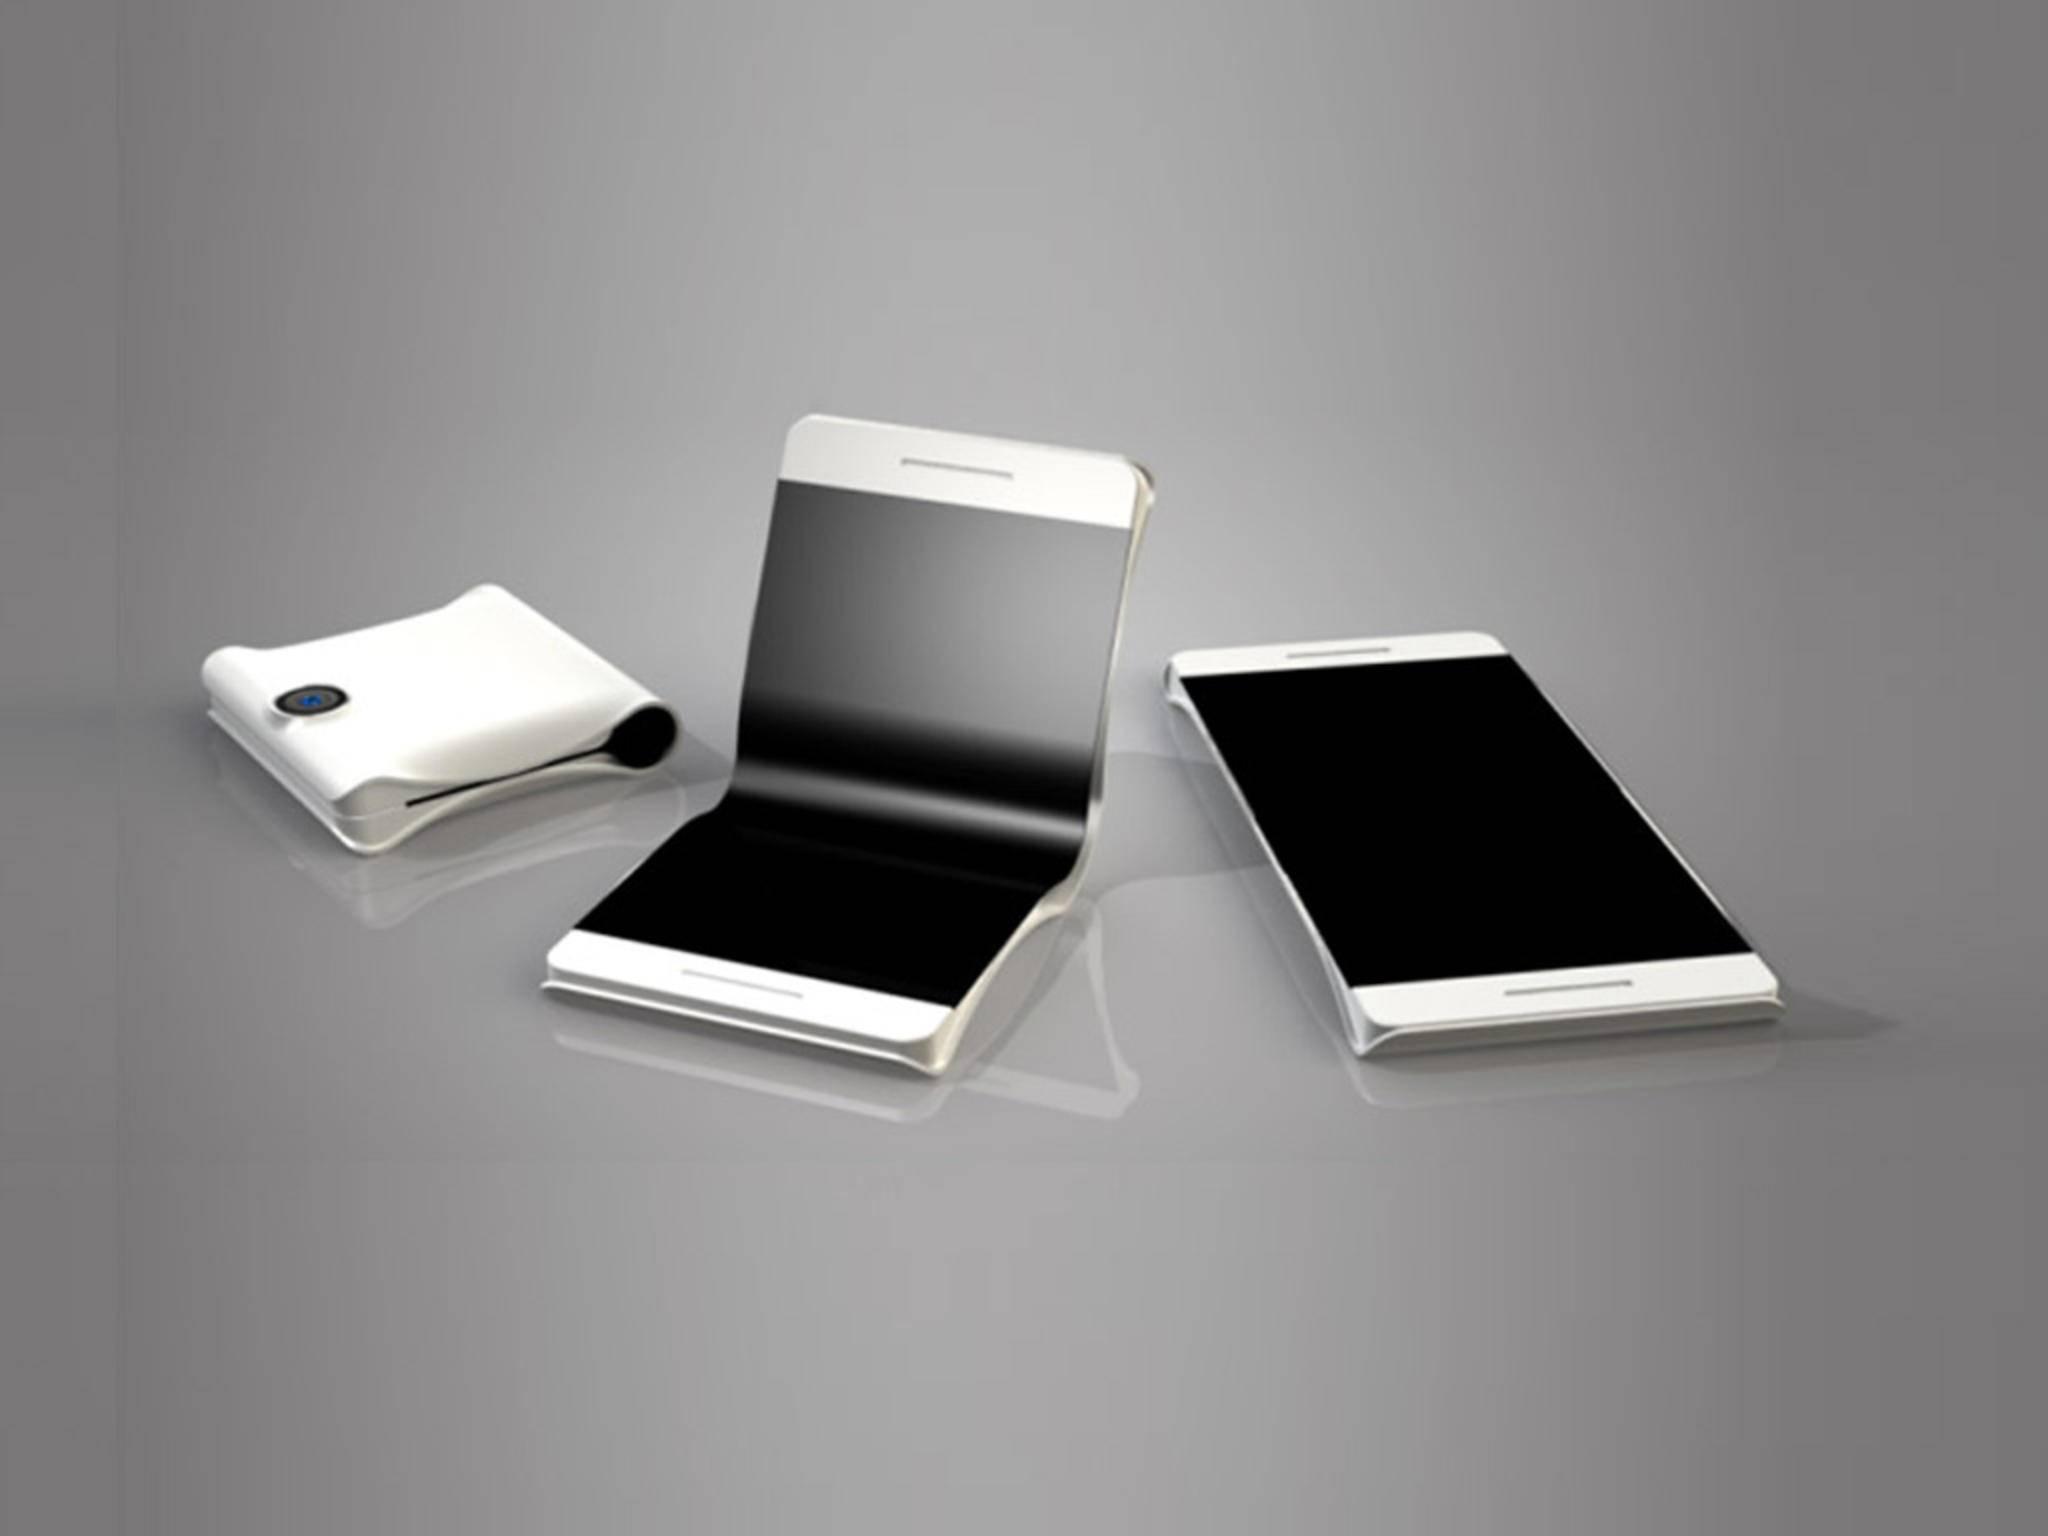 samsung release des ersten faltbaren smartphones noch 2016. Black Bedroom Furniture Sets. Home Design Ideas